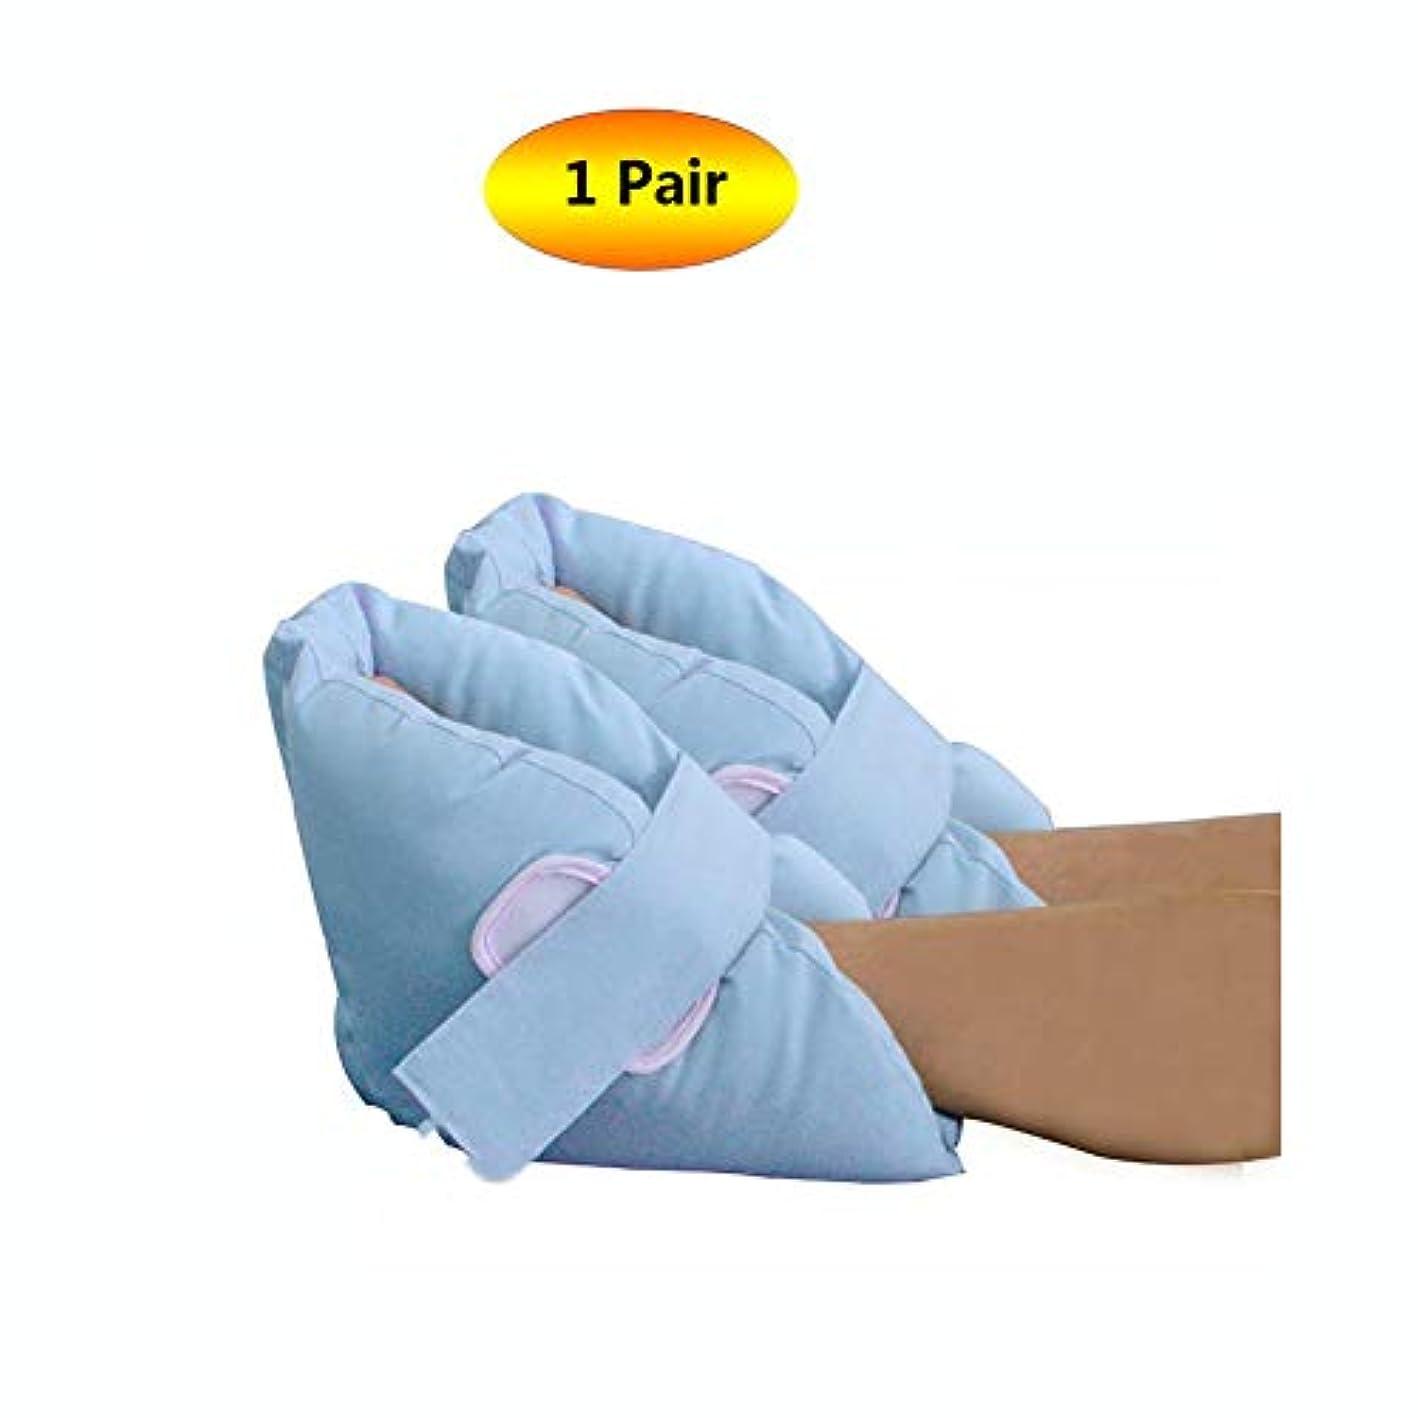 四半期山岳教育学ヒールプロテクター枕ソフト慰め、ヒールフロートヒールプロテクター、高齢者の足補正カバー - ブルー